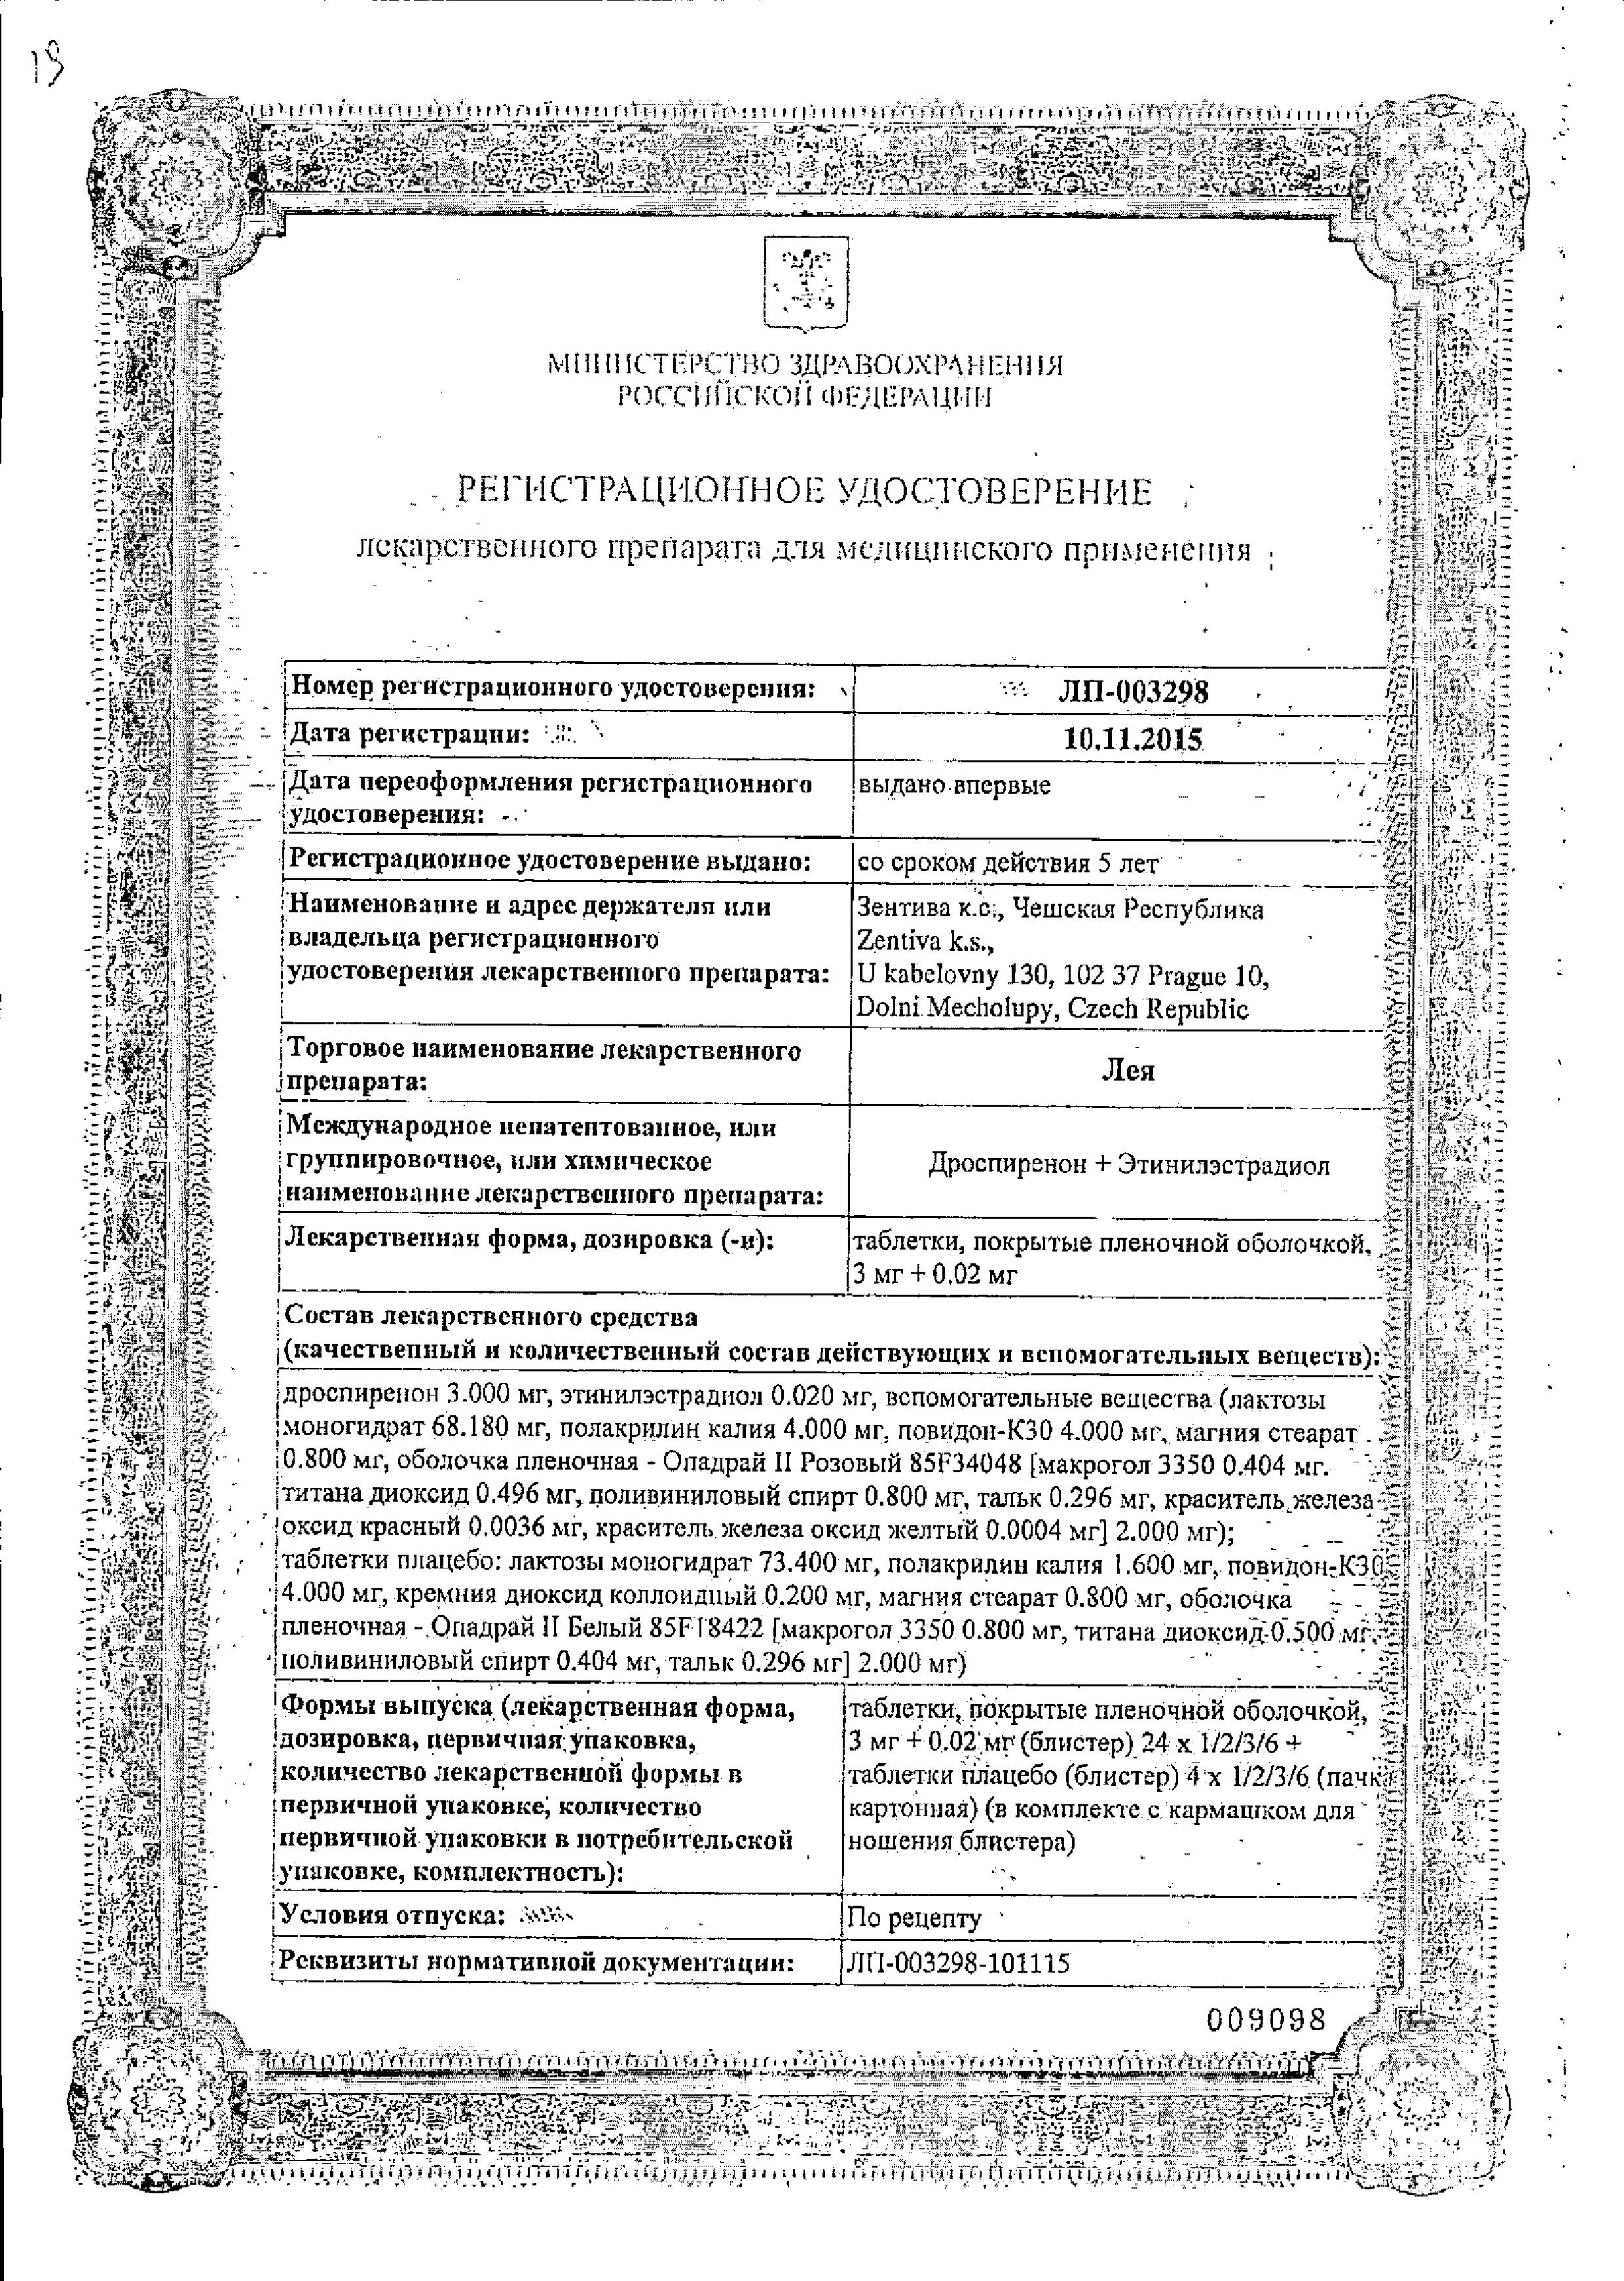 Лея сертификат